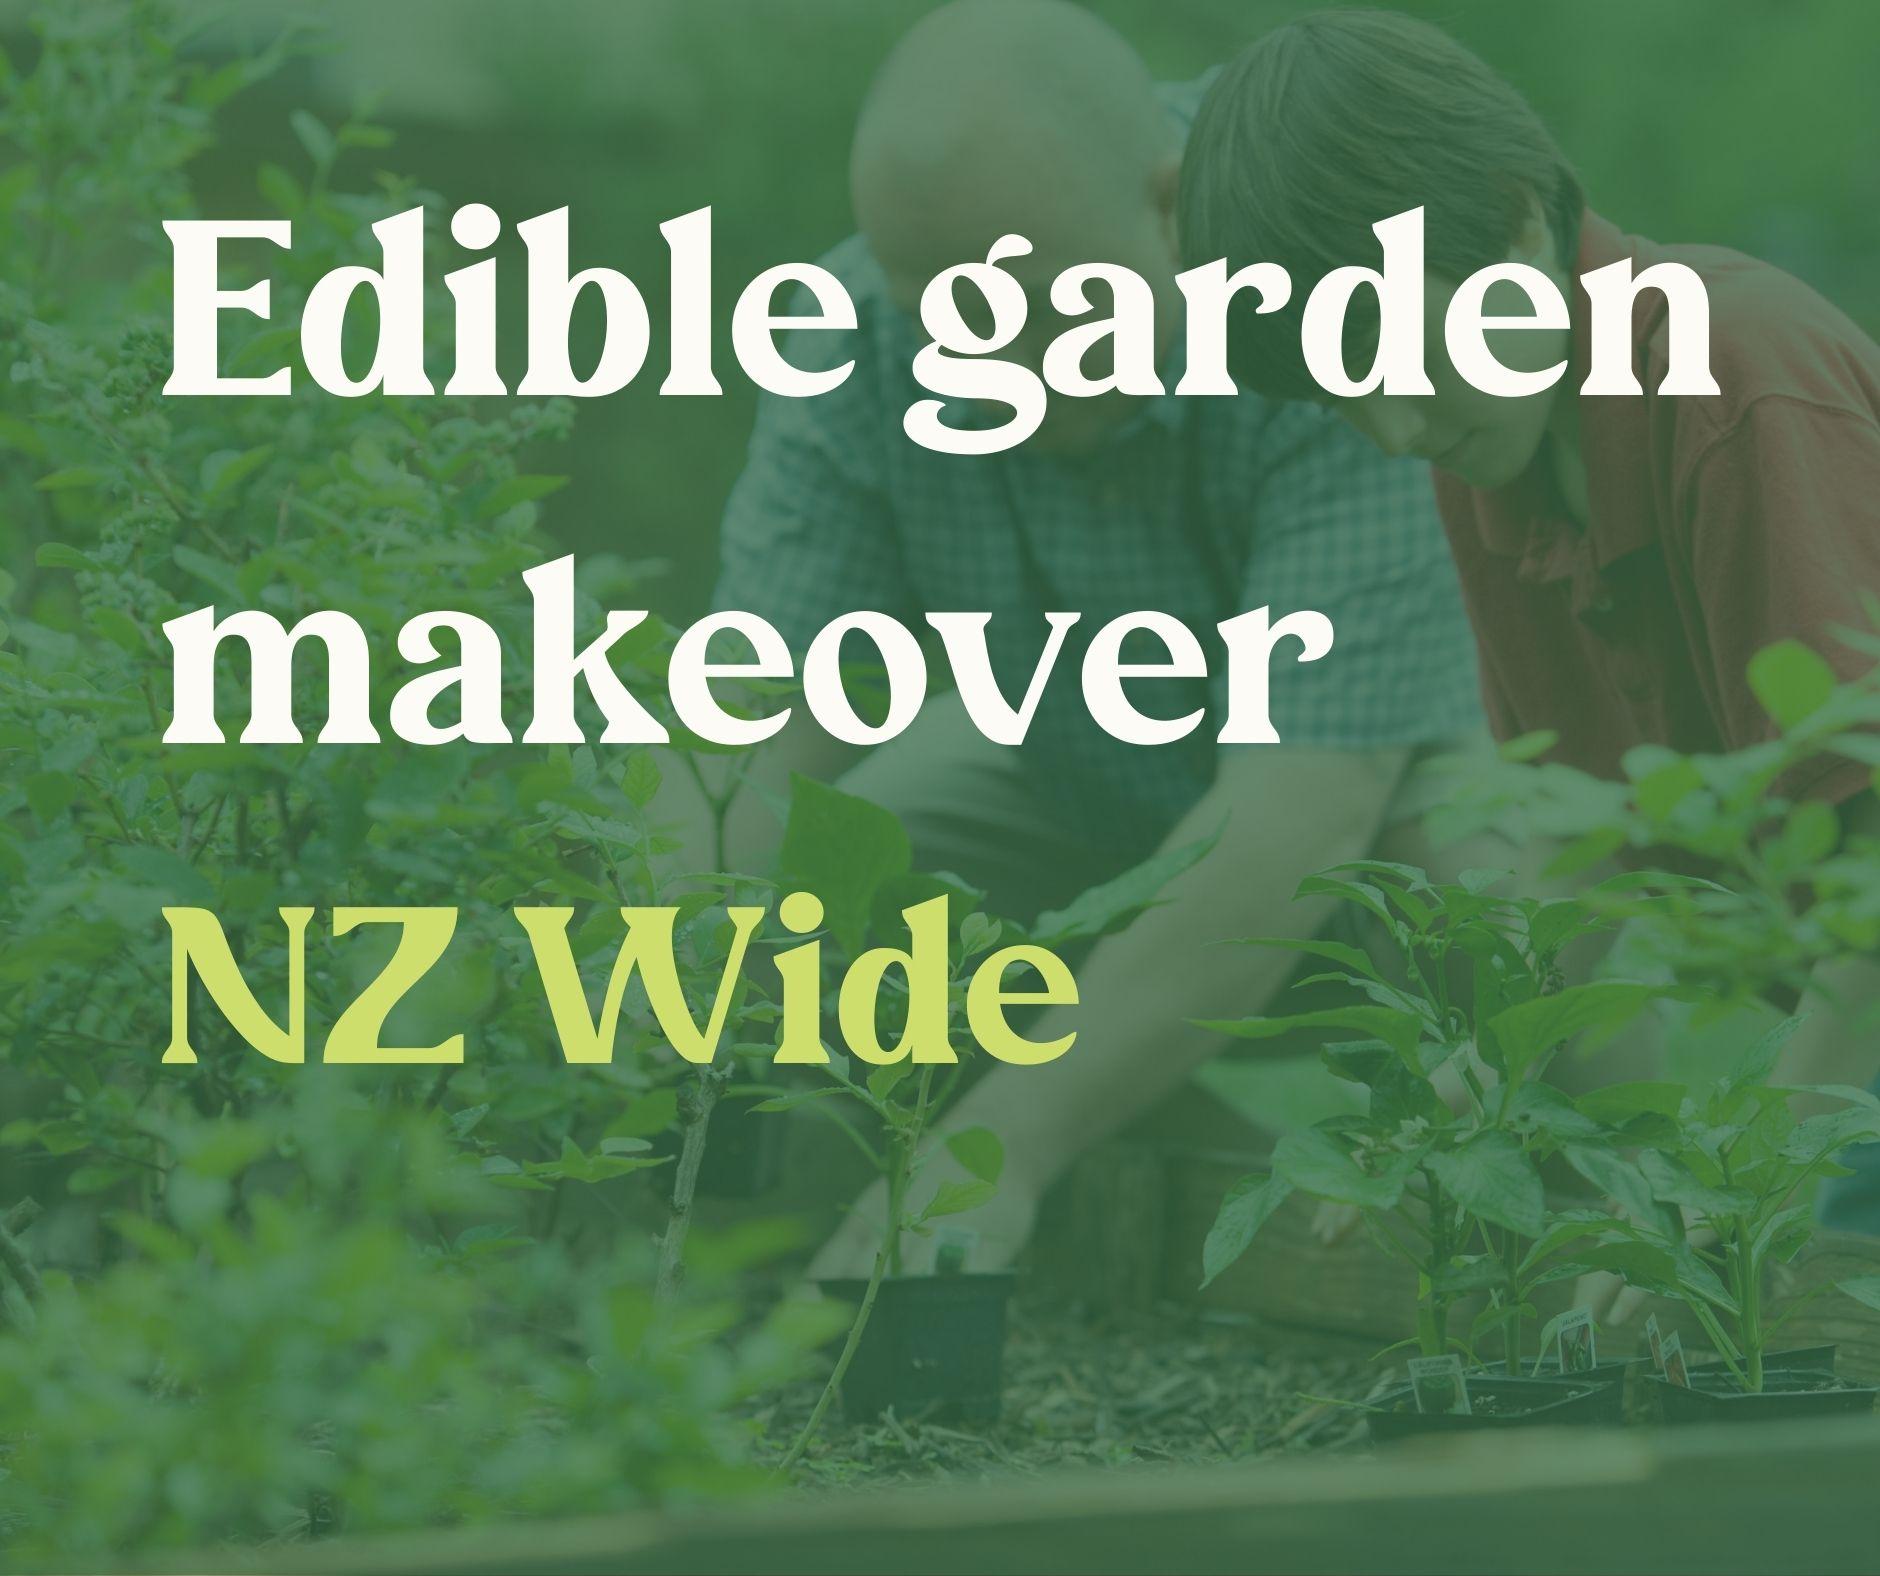 Edible Garden Makeover - NZ Wide